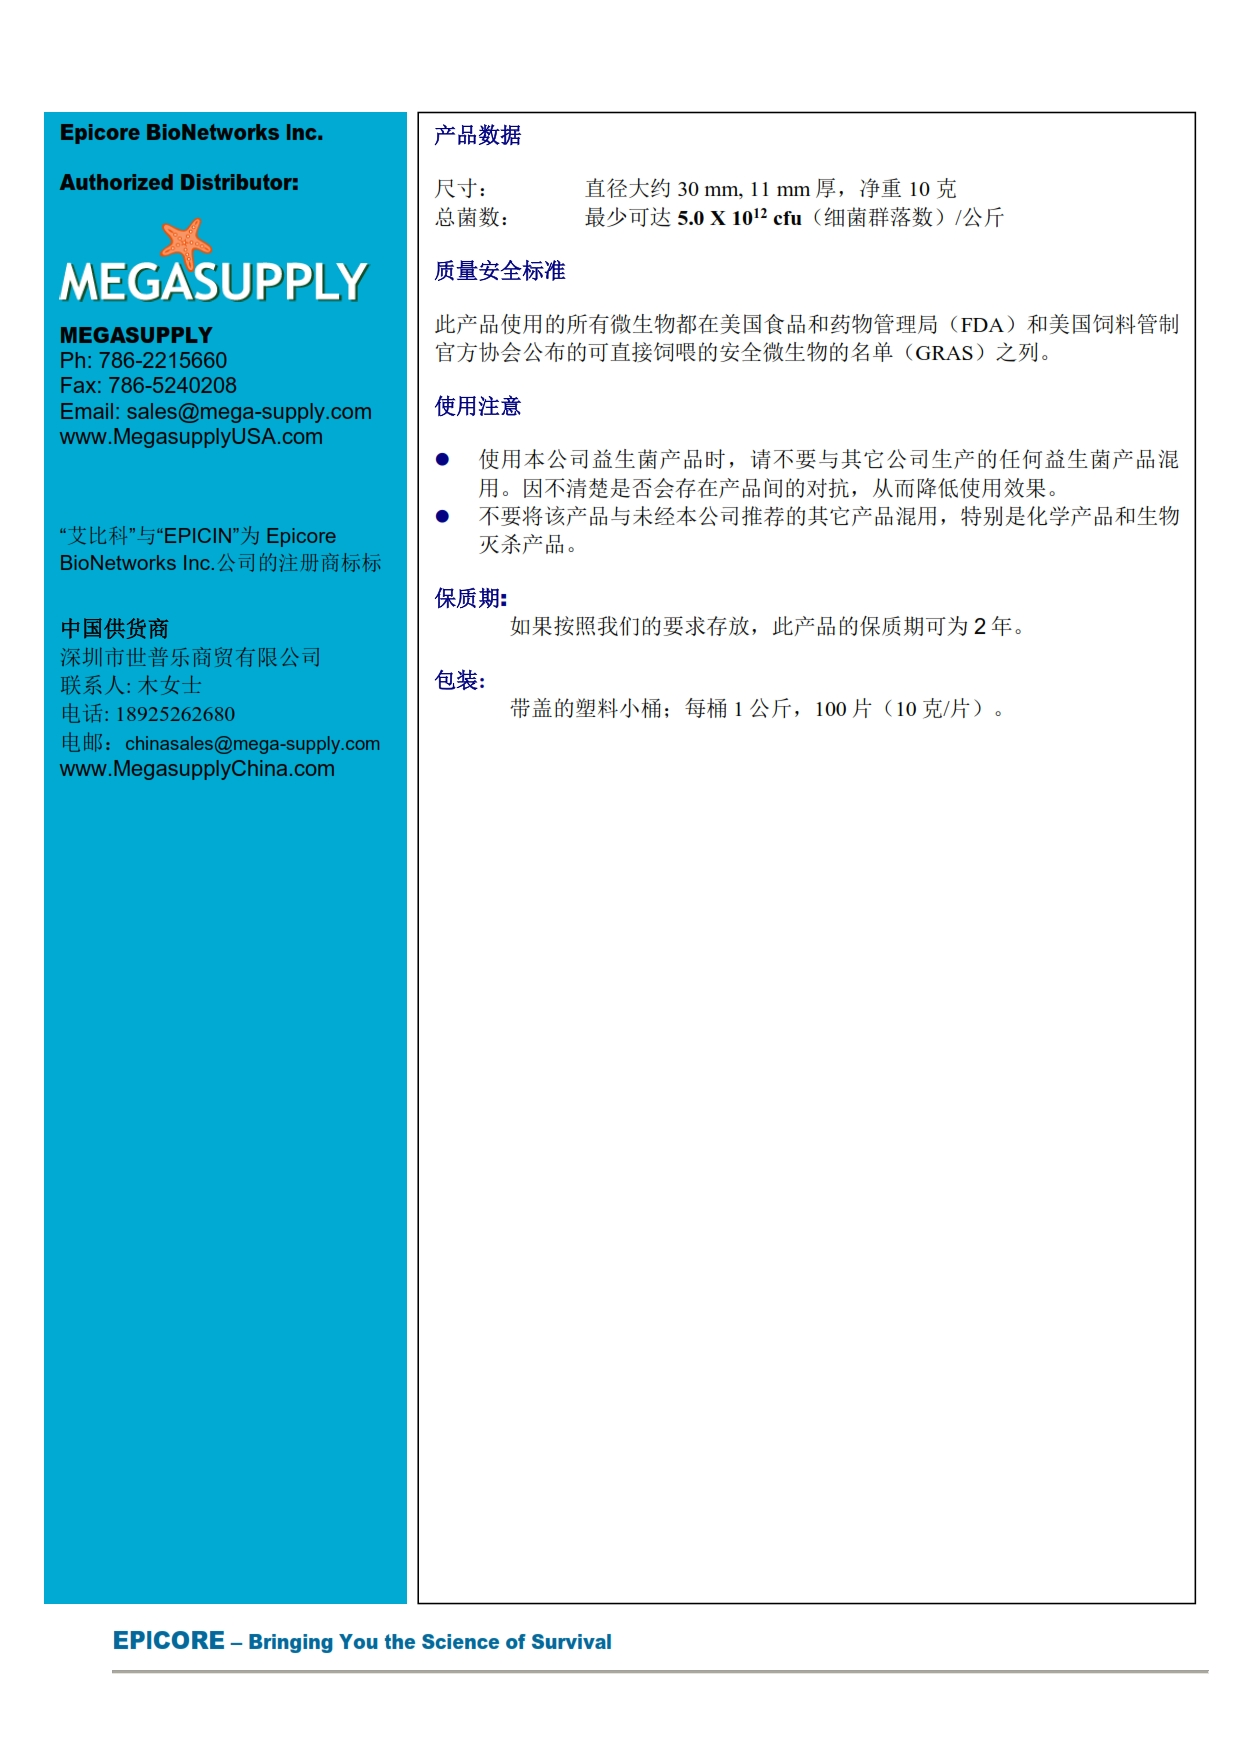 EPICIN-PILLS-2014-cn1-V3-web_002